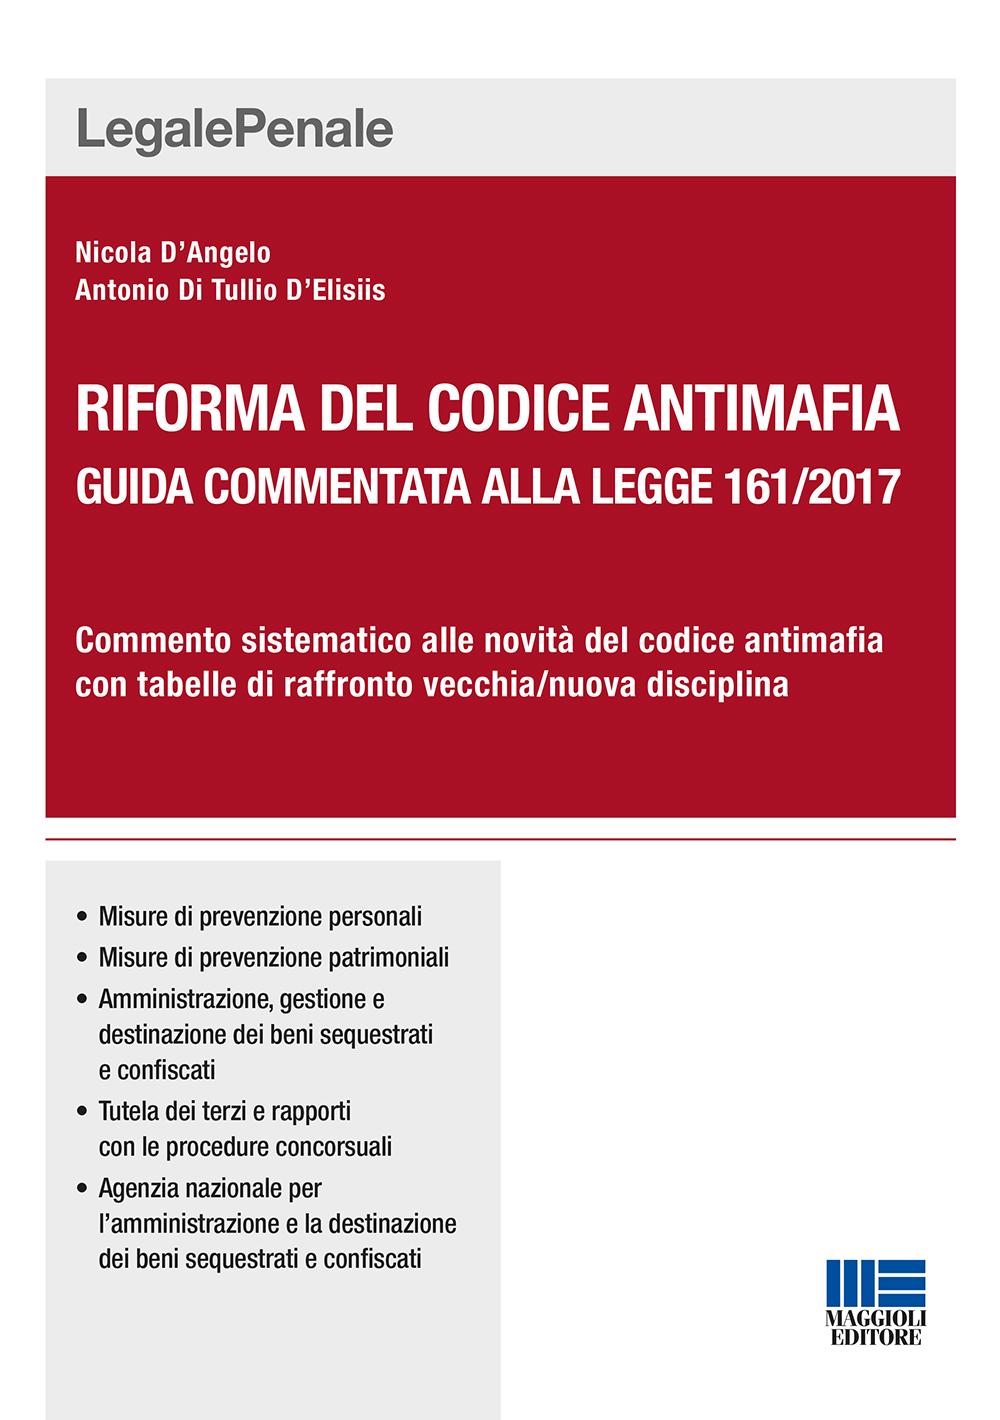 Riforma del codice antimafia